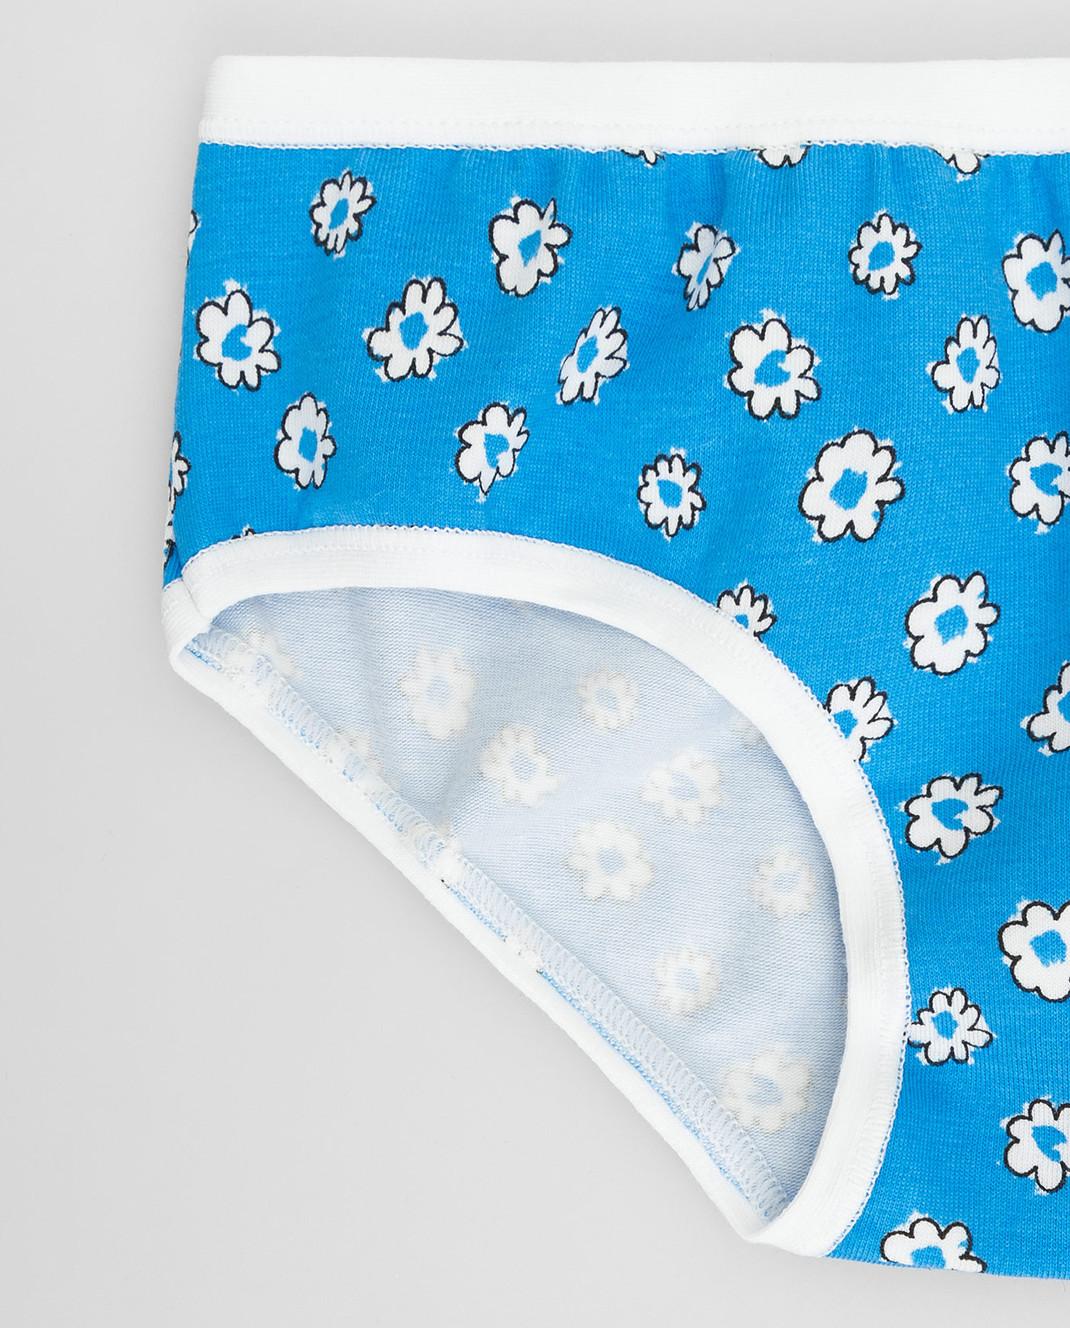 RiminiVeste Детские синие трусики изображение 3